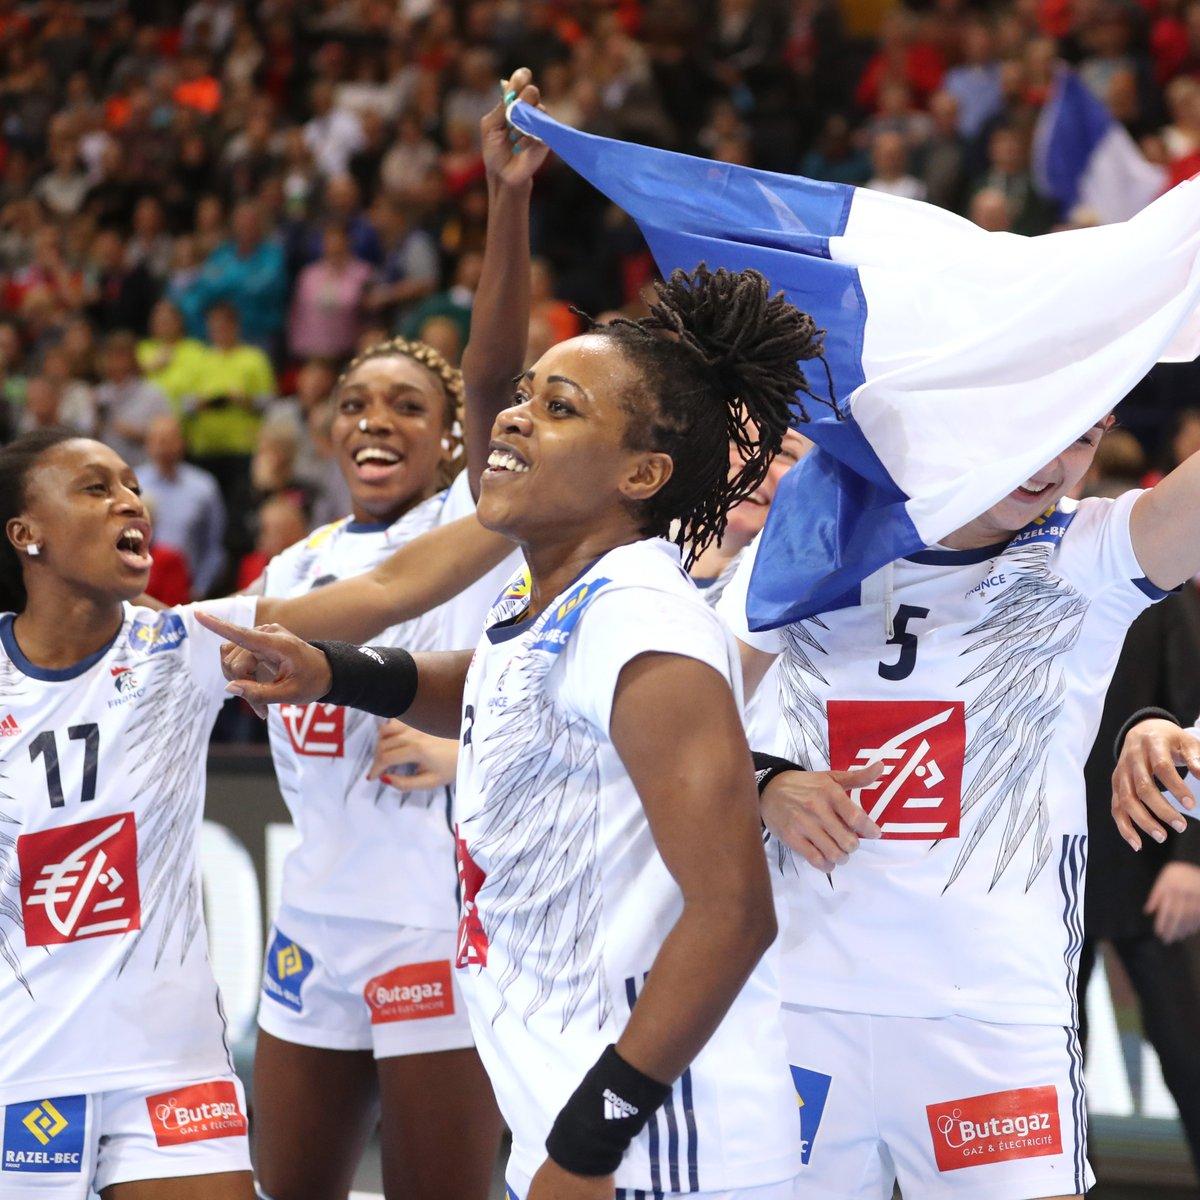 #EdFF  Championne du monde 🥇 vice-championne olympique 🥈 et médaillée de bronze 🥉 à l'EHF Euro, elle a connu tous les podiums sous le maillot Bleu ✊🇫🇷   Un immense coup de chapeau à Laurisa LANDRE pour son immense carrière de handballeuse 👏   #BleuetFier https://t.co/ic7iDIuFgg